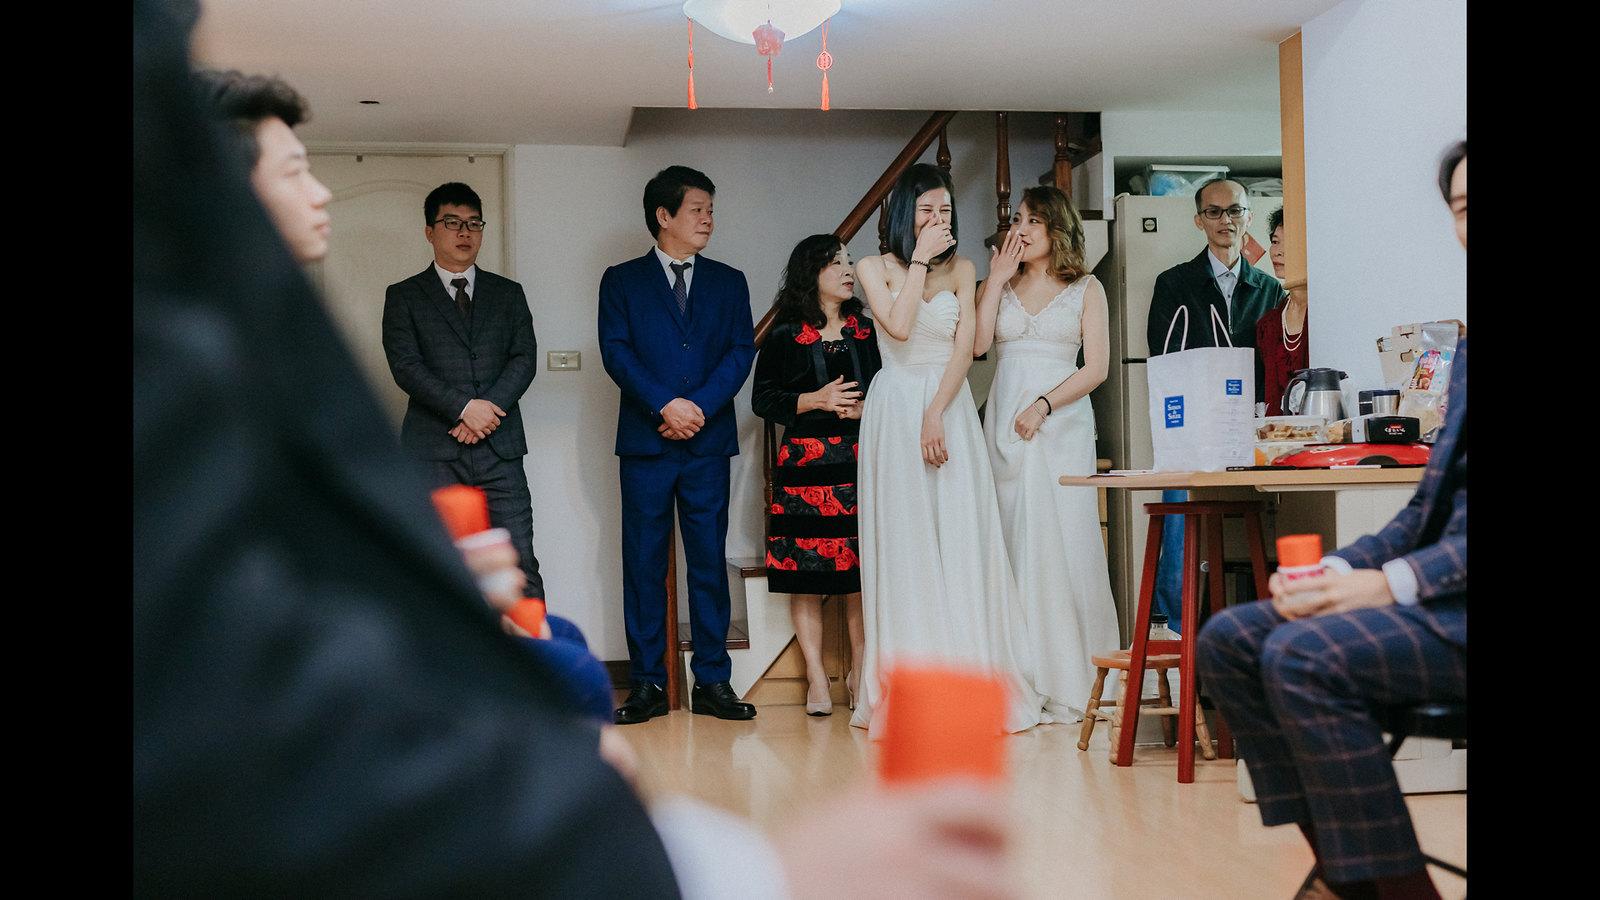 [婚攝] James & Iynn 彭園婚宴會館-三重館 婚禮精選